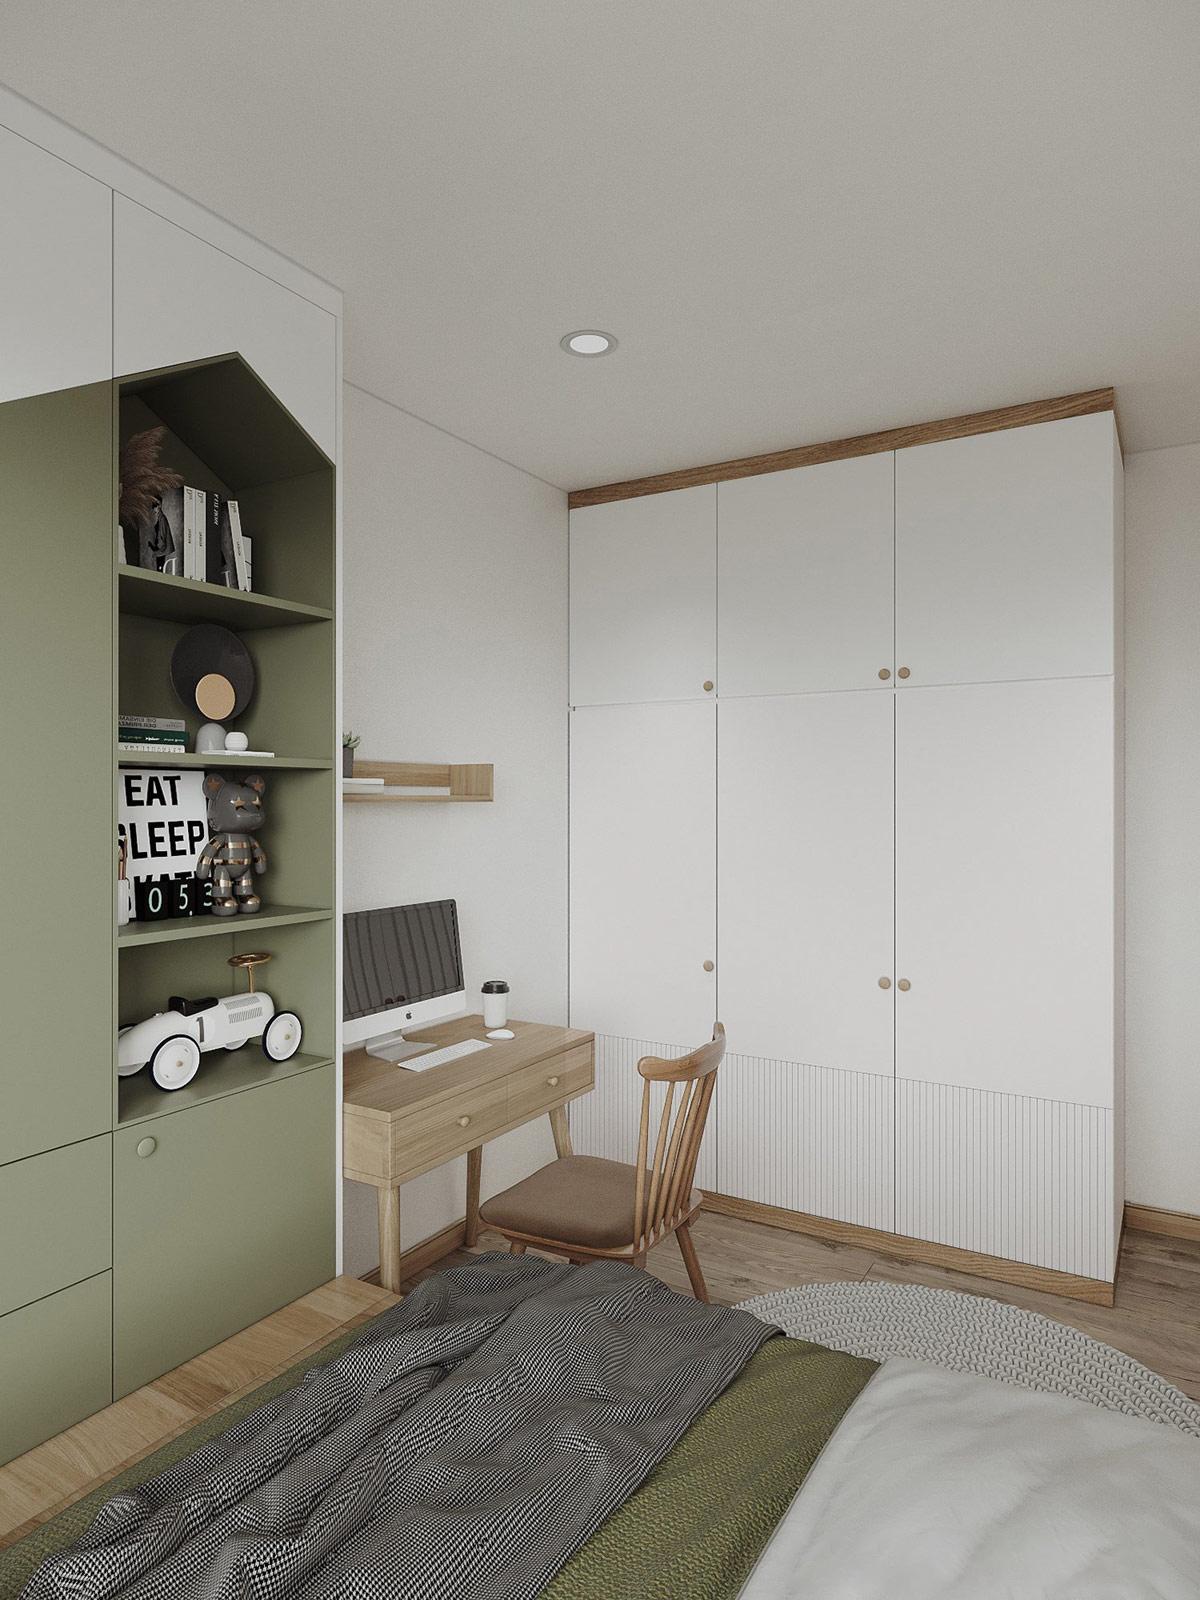 Kiến trúc sư tư vấn thiết kế nhà cấp 4 với diện tích 90m² chi phí tiết kiệm chỉ 180 triệu - Ảnh 10.